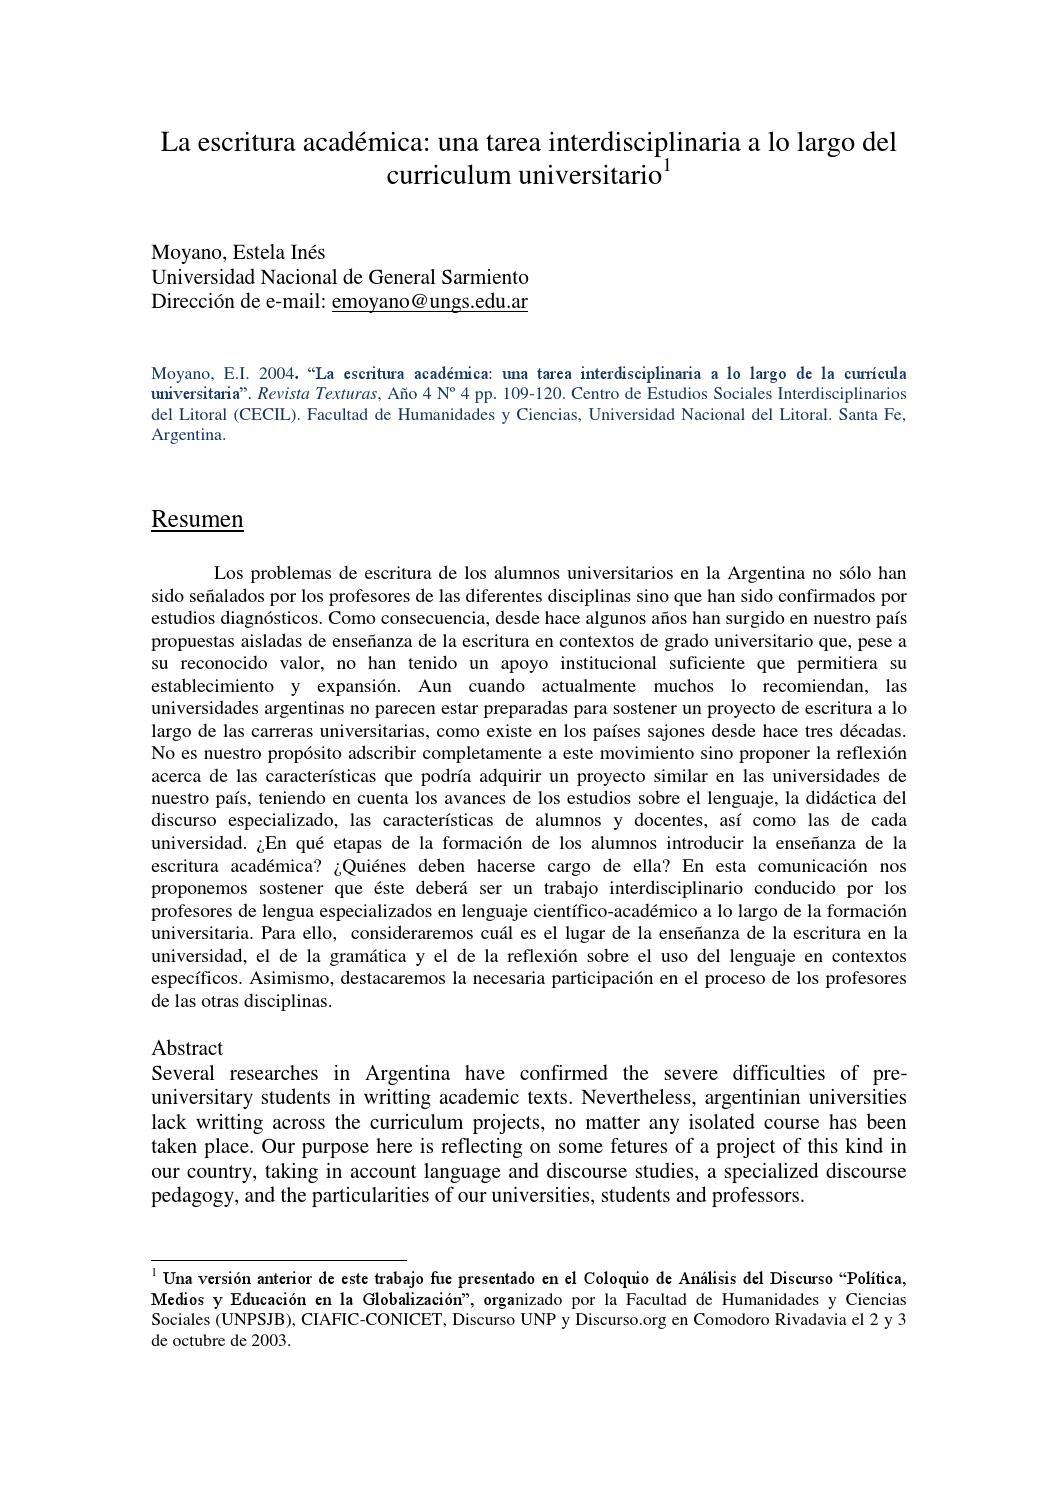 Moyano 2004 la escritura academica by Grupo de Apoyo a Cursos ...